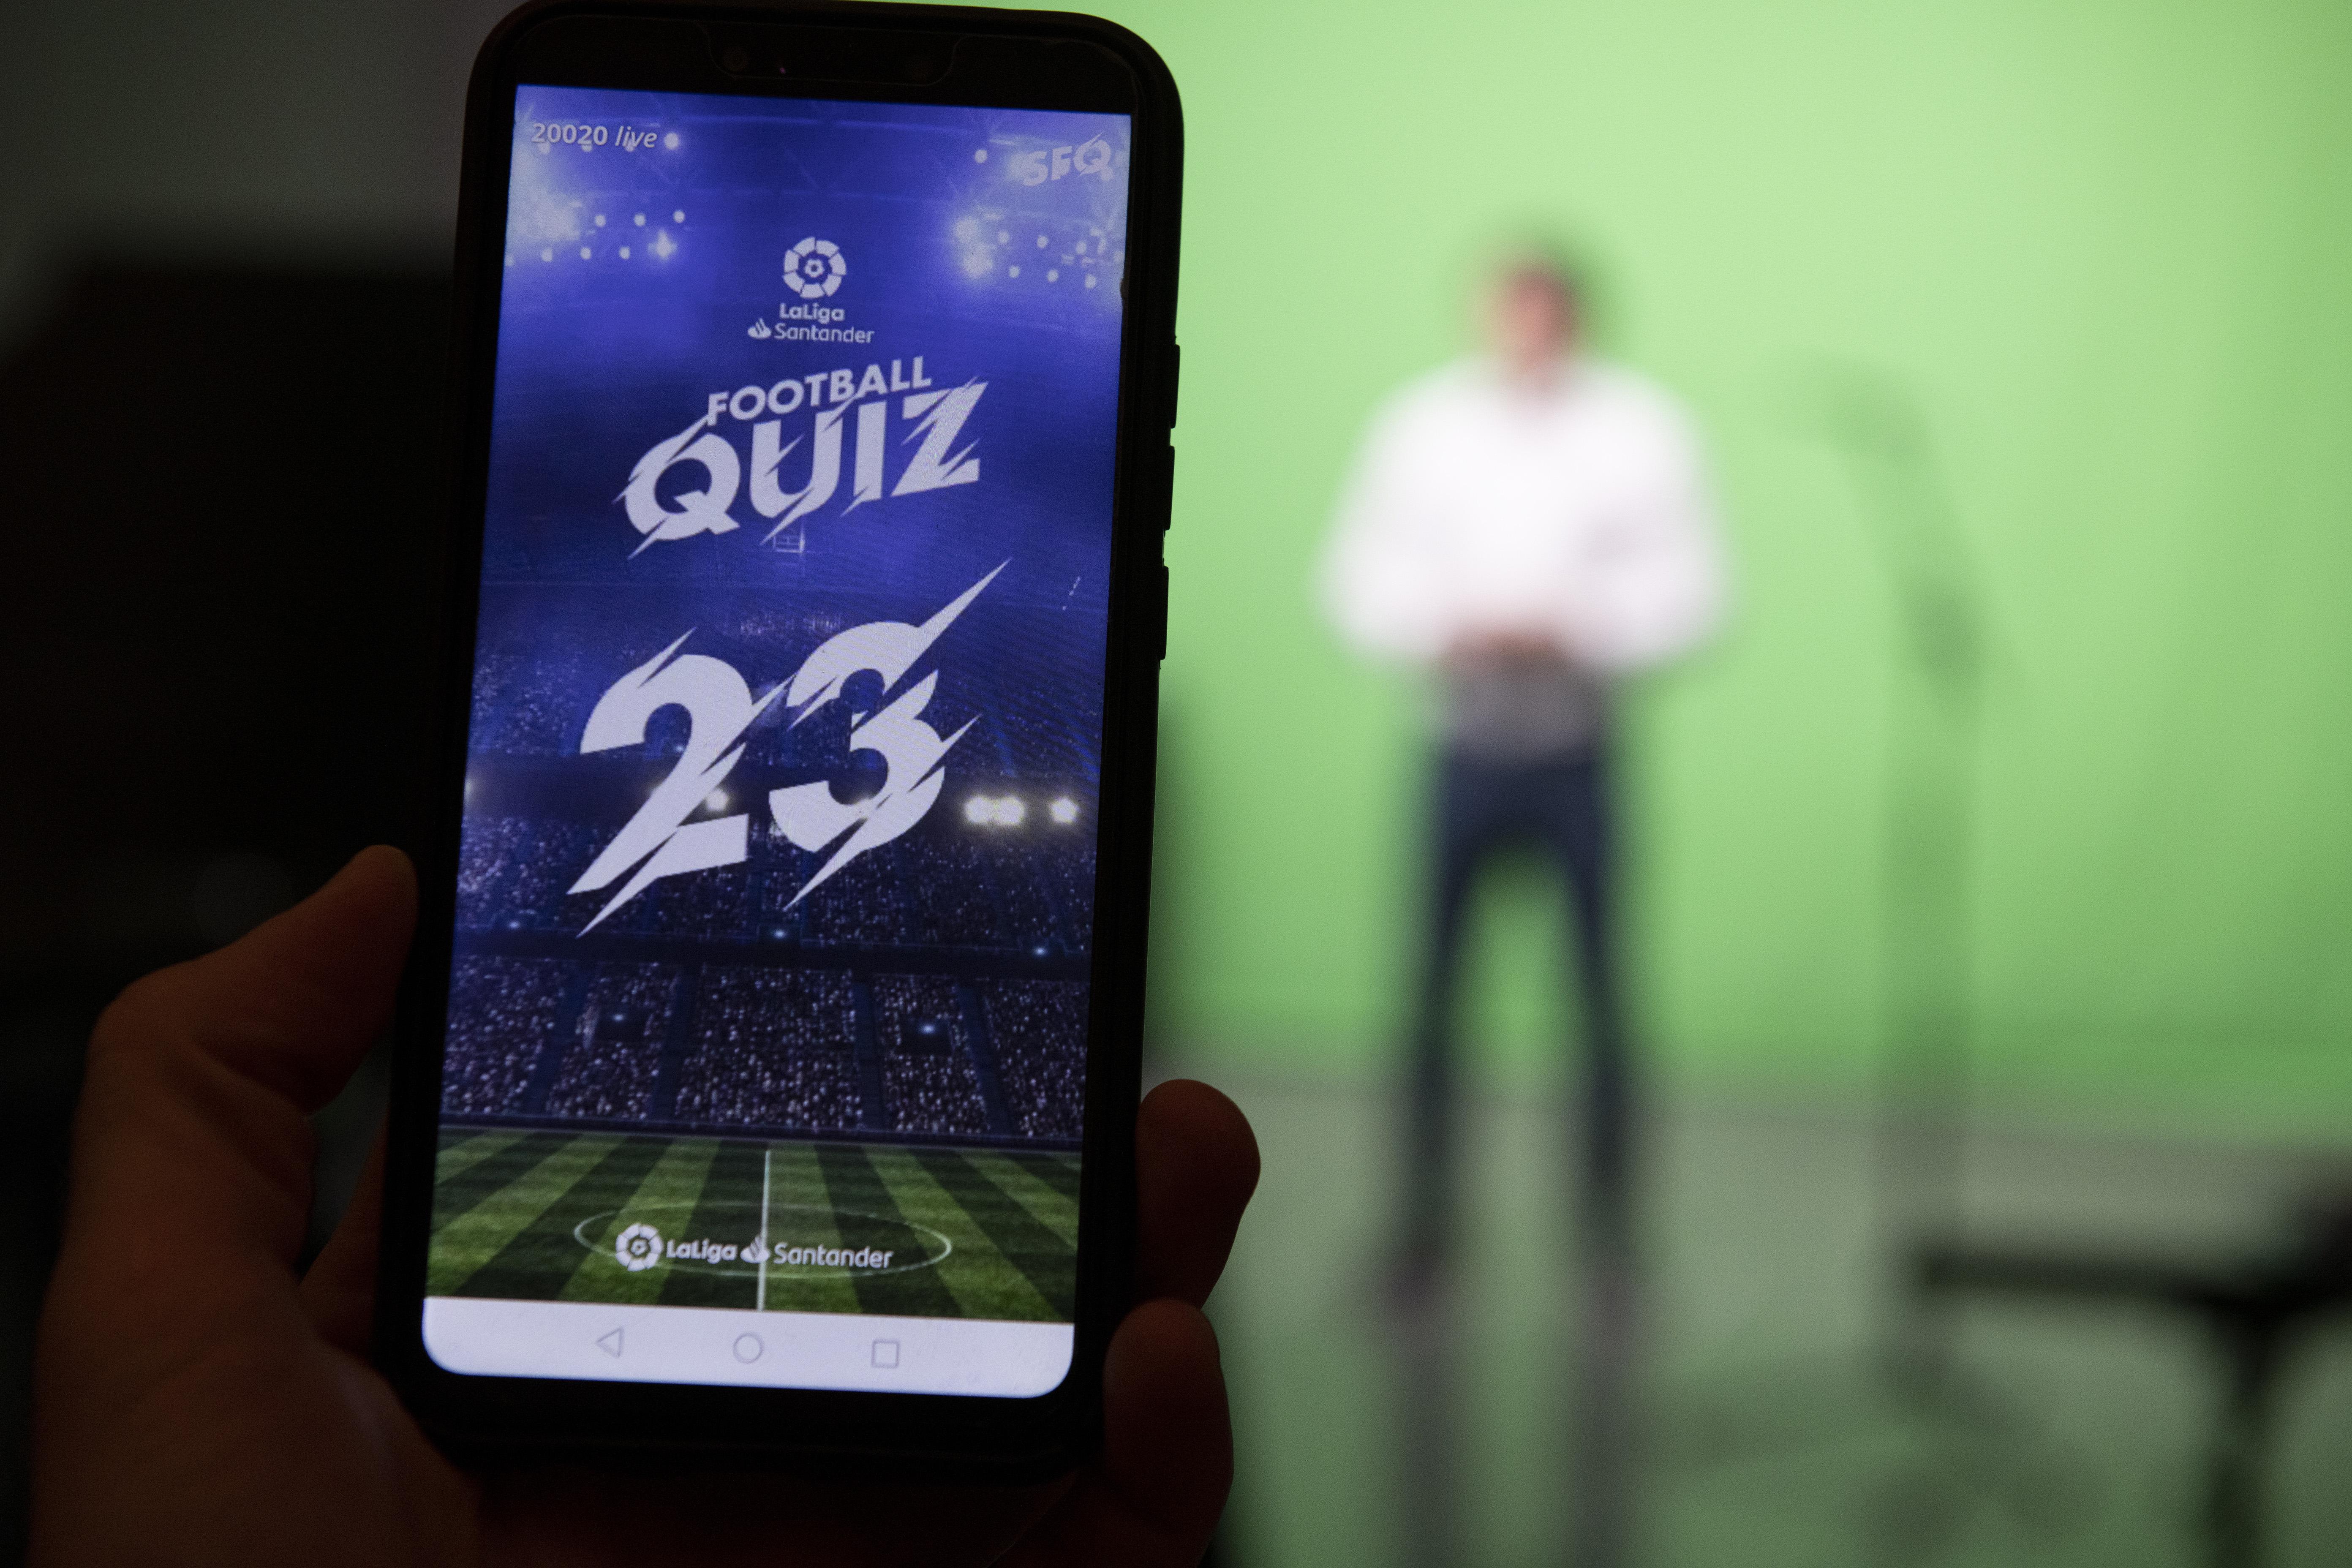 Más de 10.000 euros para los aficionados al fútbol mejor informados: ¿podrías ser tú?